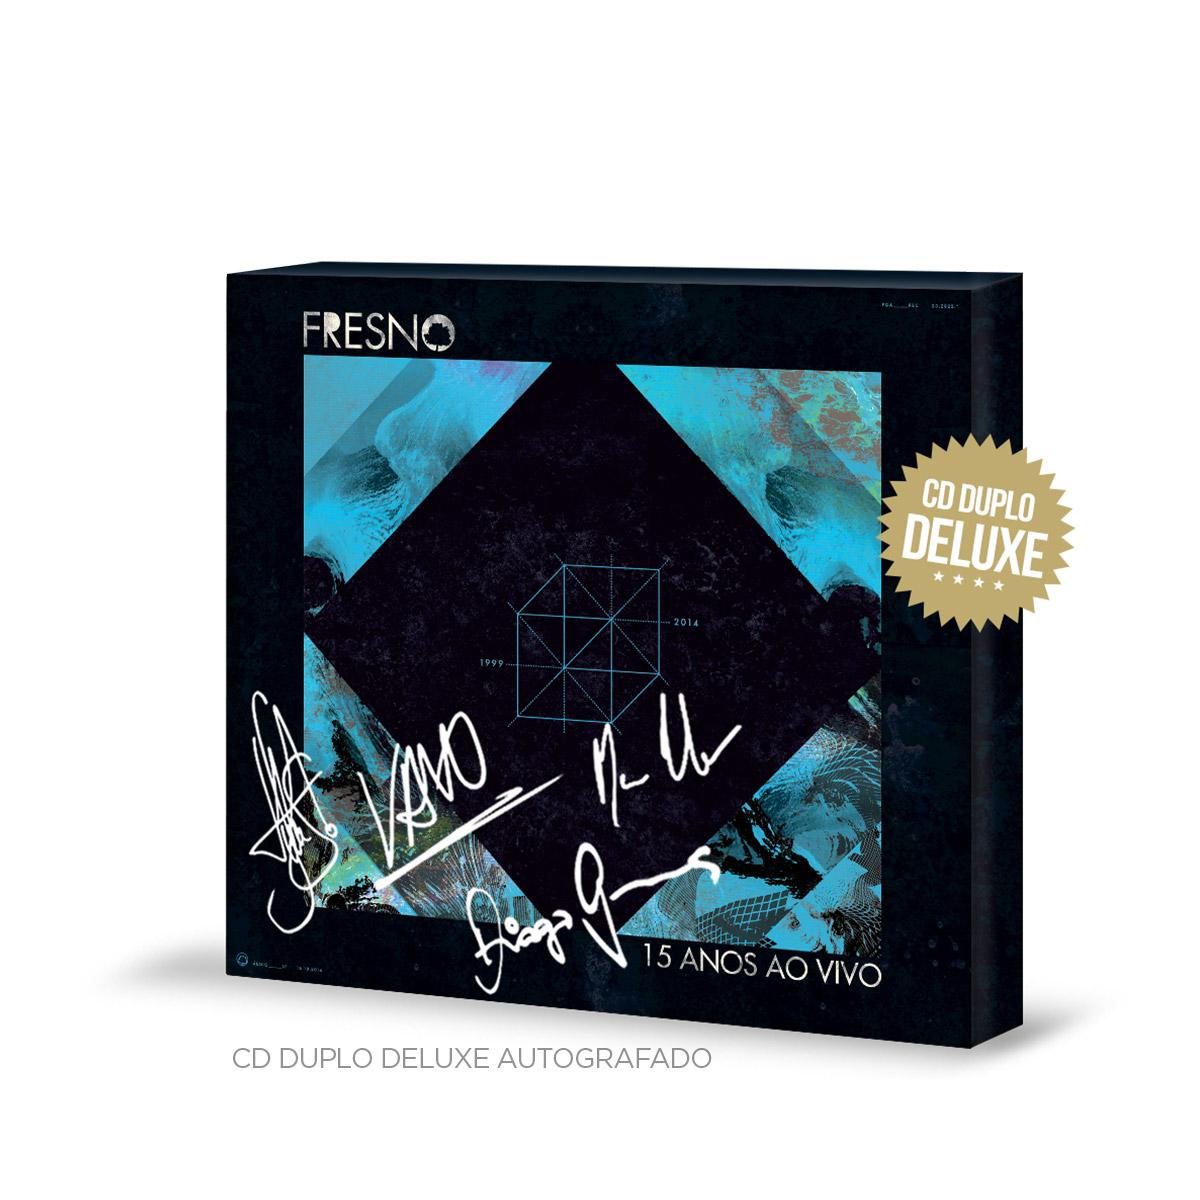 Combo CD Duplo Deluxe Fresno 15 Anos ao Vivo + Camiseta